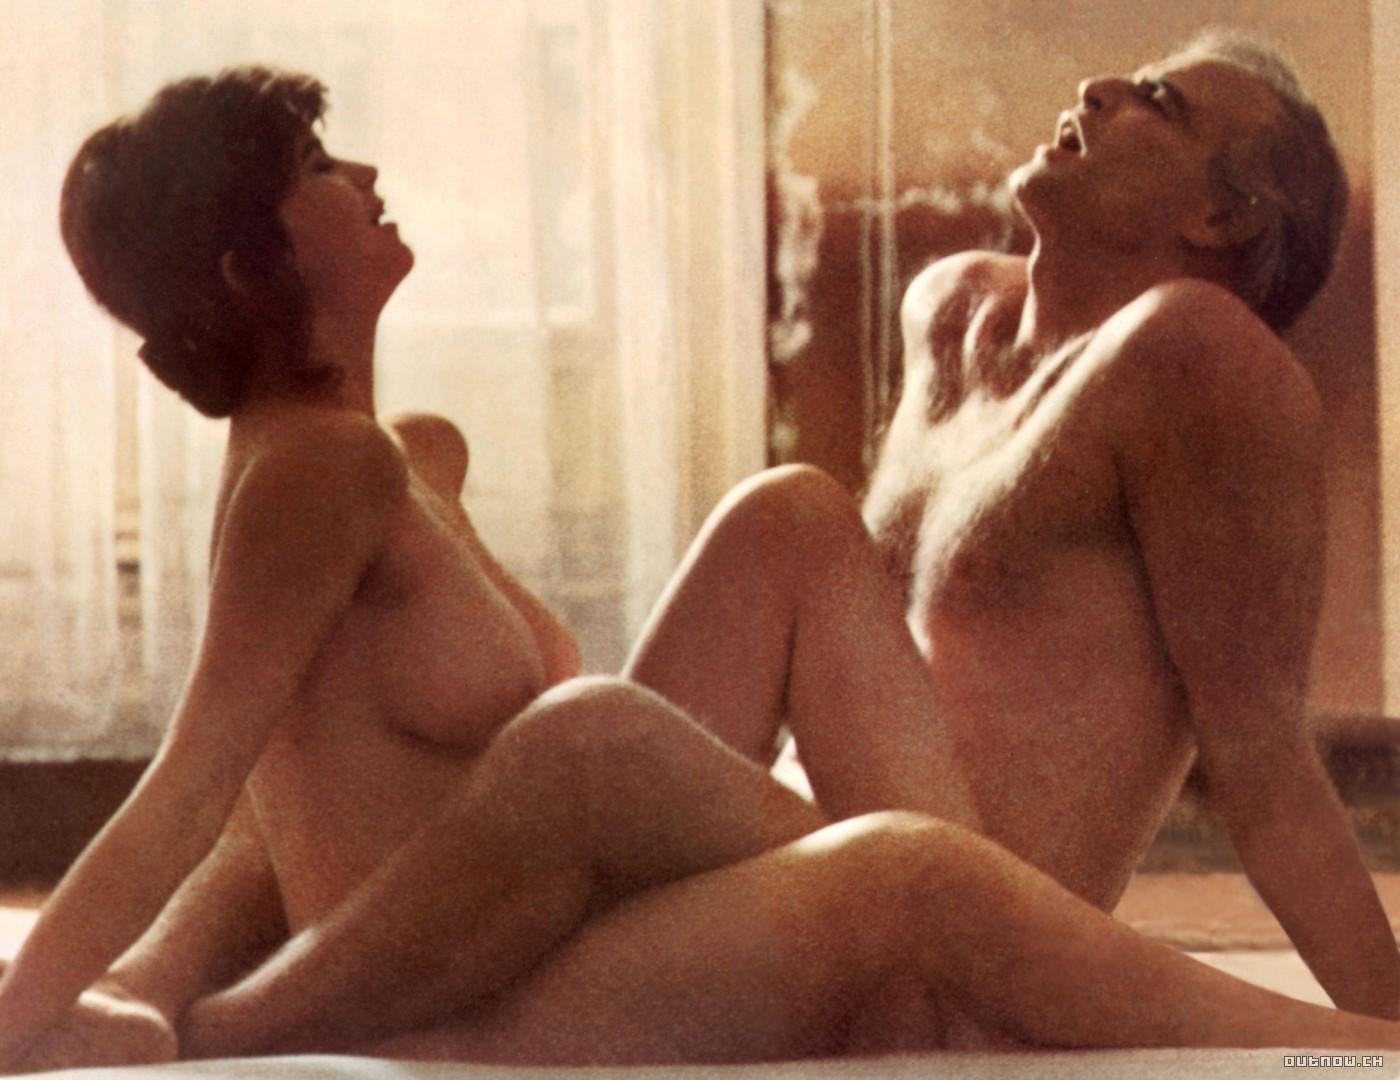 El último tango en París, de Bernardo Bertolucci